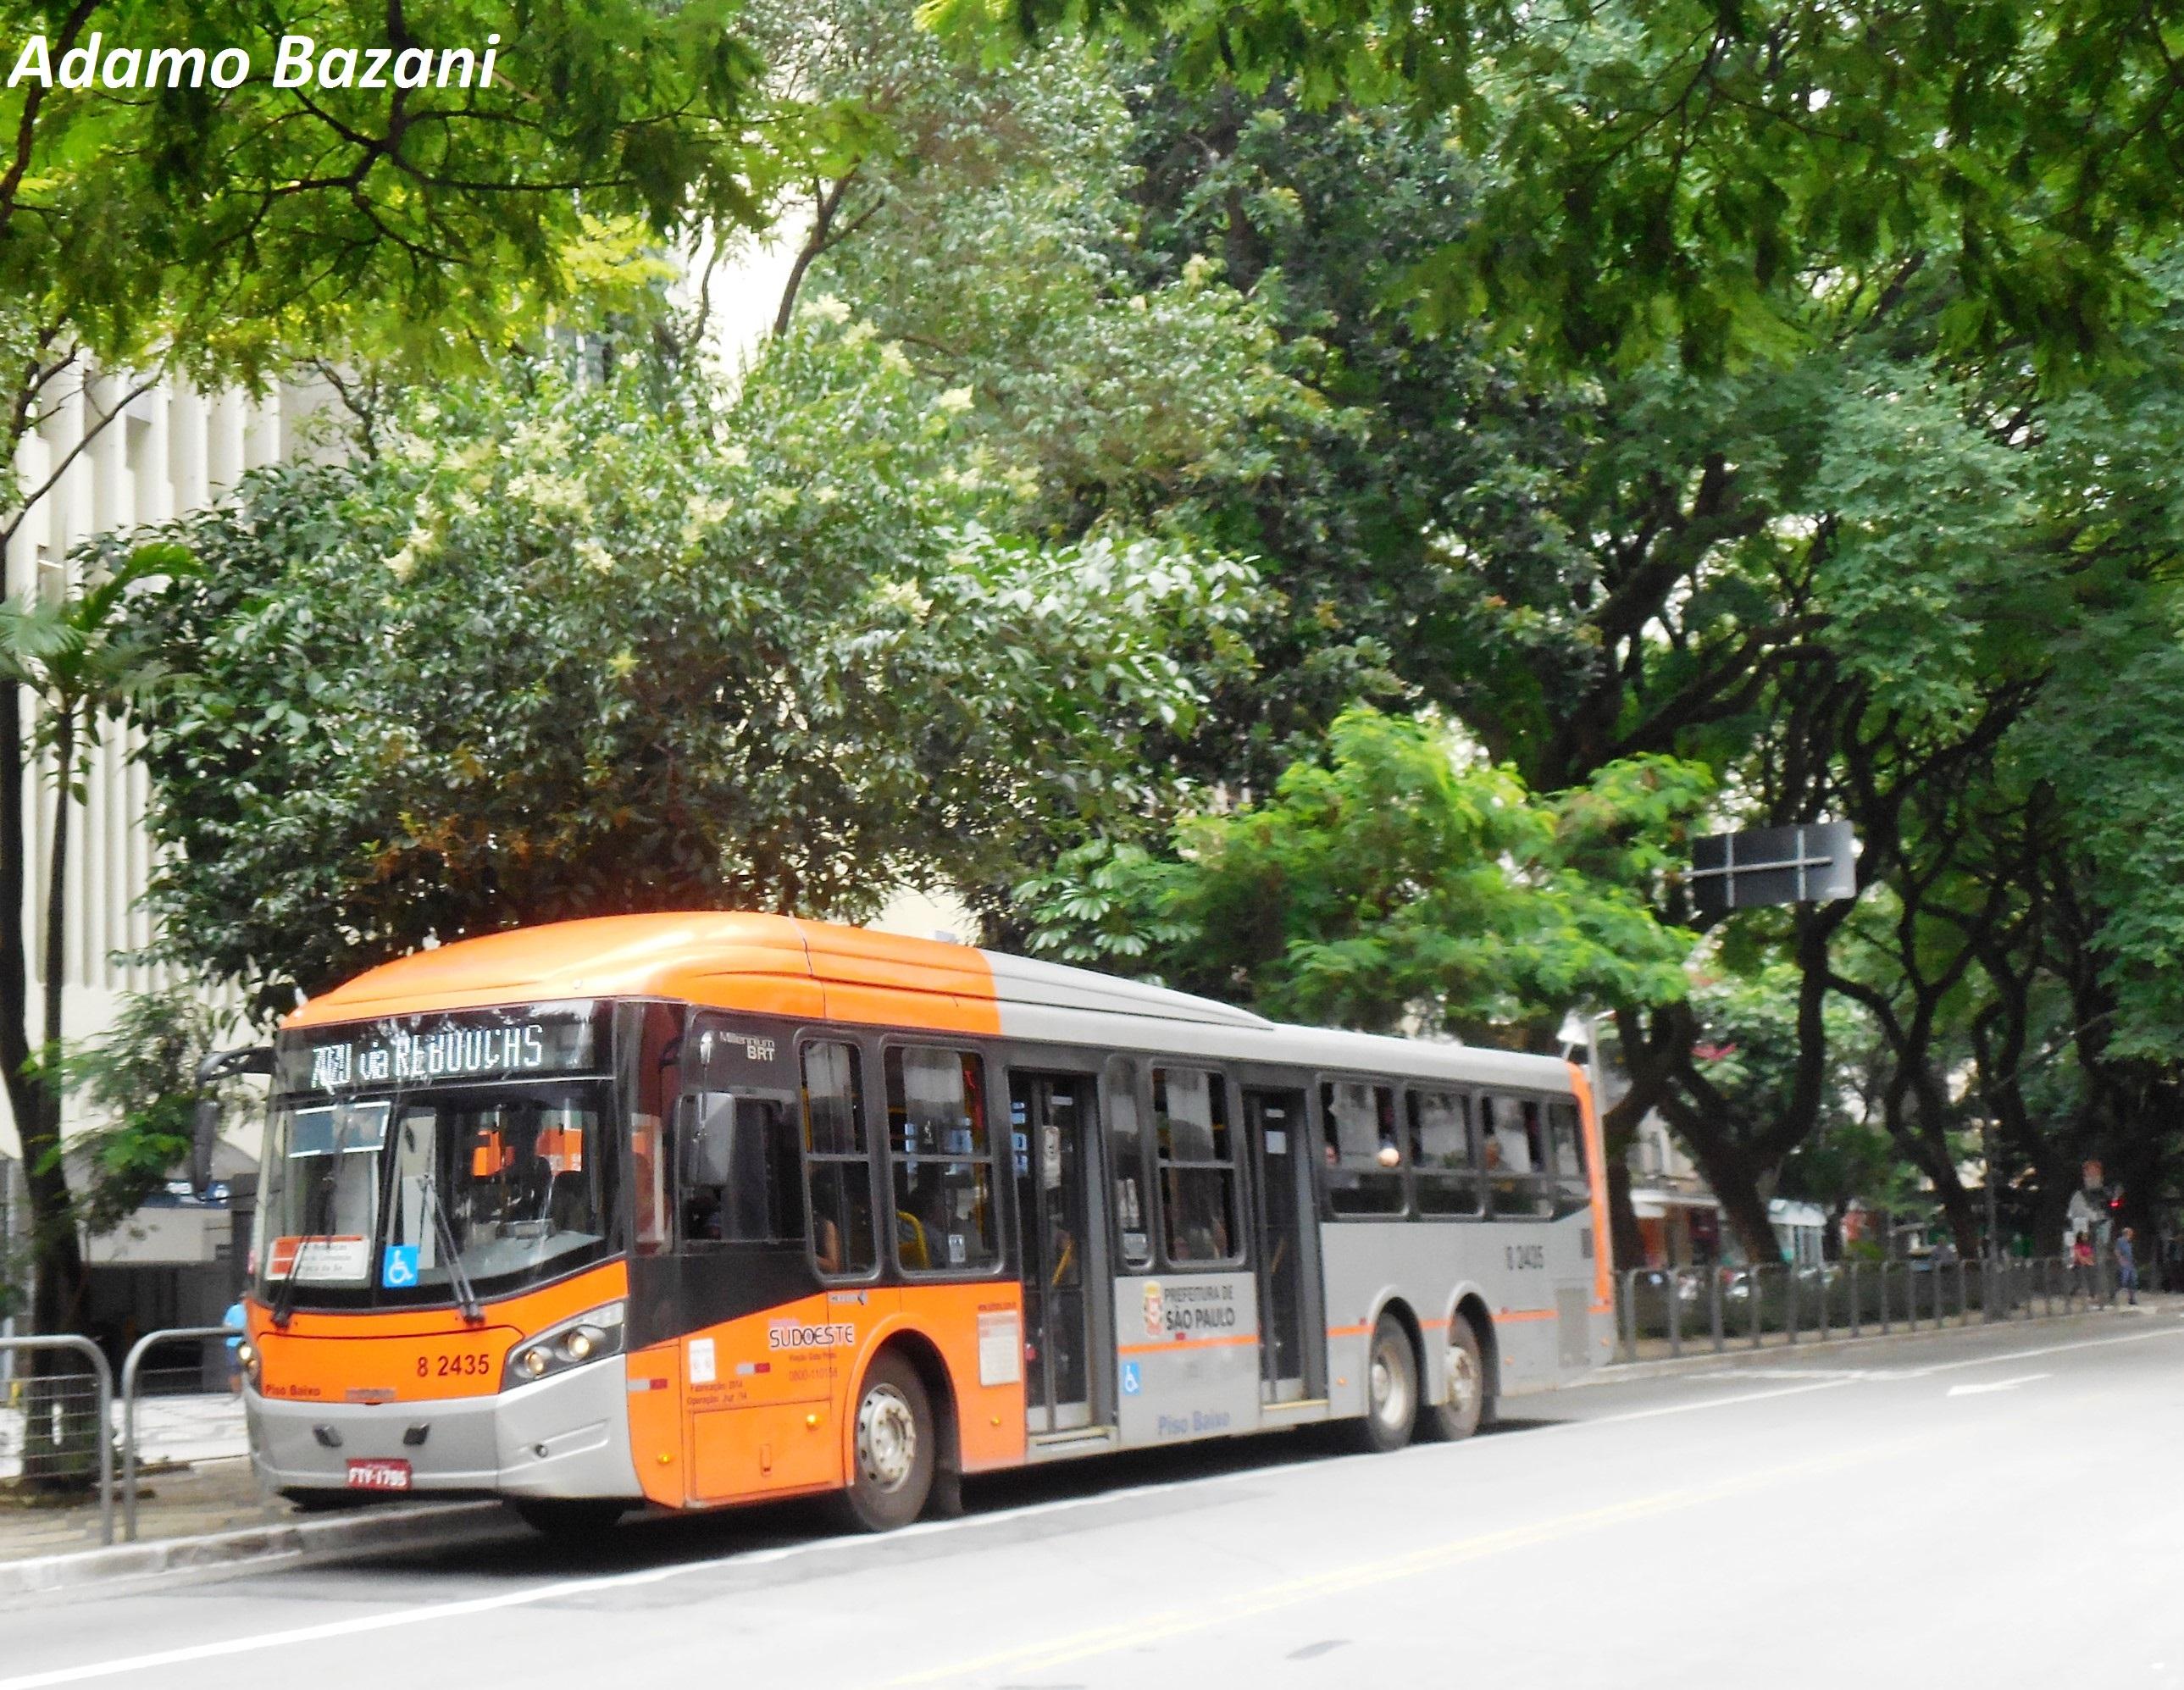 Valdevan Noventa afirmou que a cidade de São Paulo terá greve de ônibus a partir da meia-noite. Foto: Adamo Bazani.